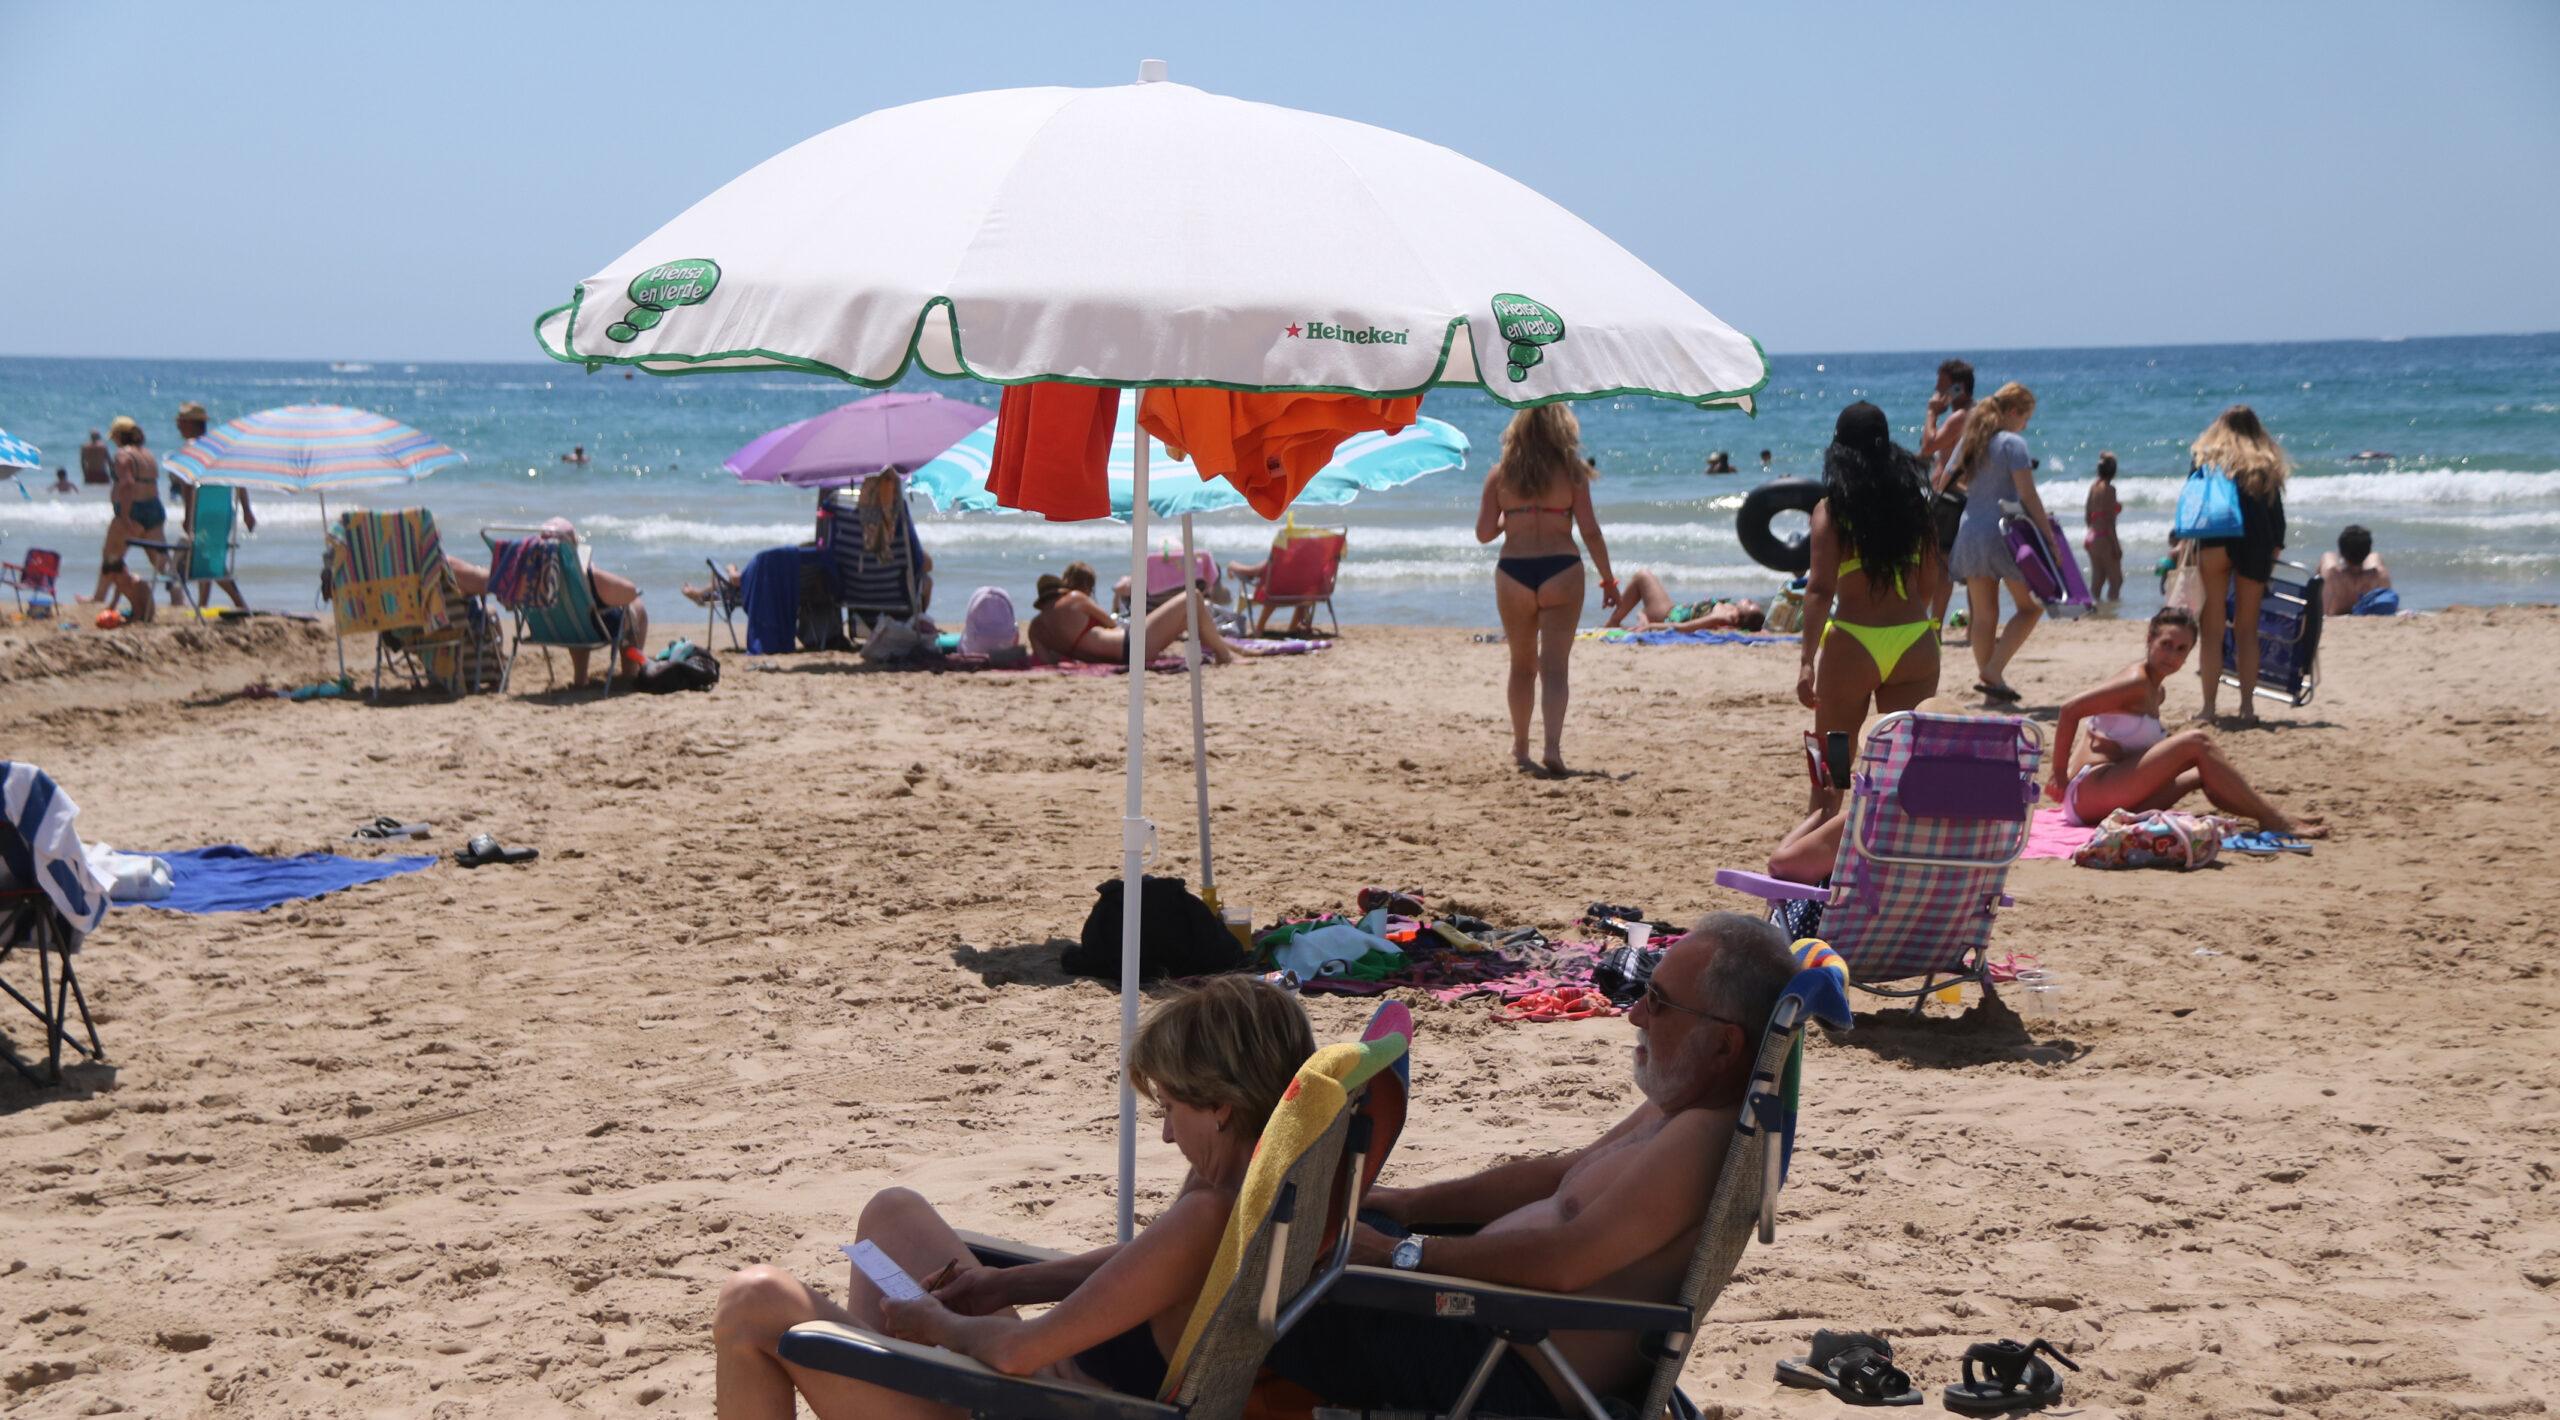 Dues persones sota un para-sol a la platja de Salou. Foto del 6 de juliol de 2021 / ACN